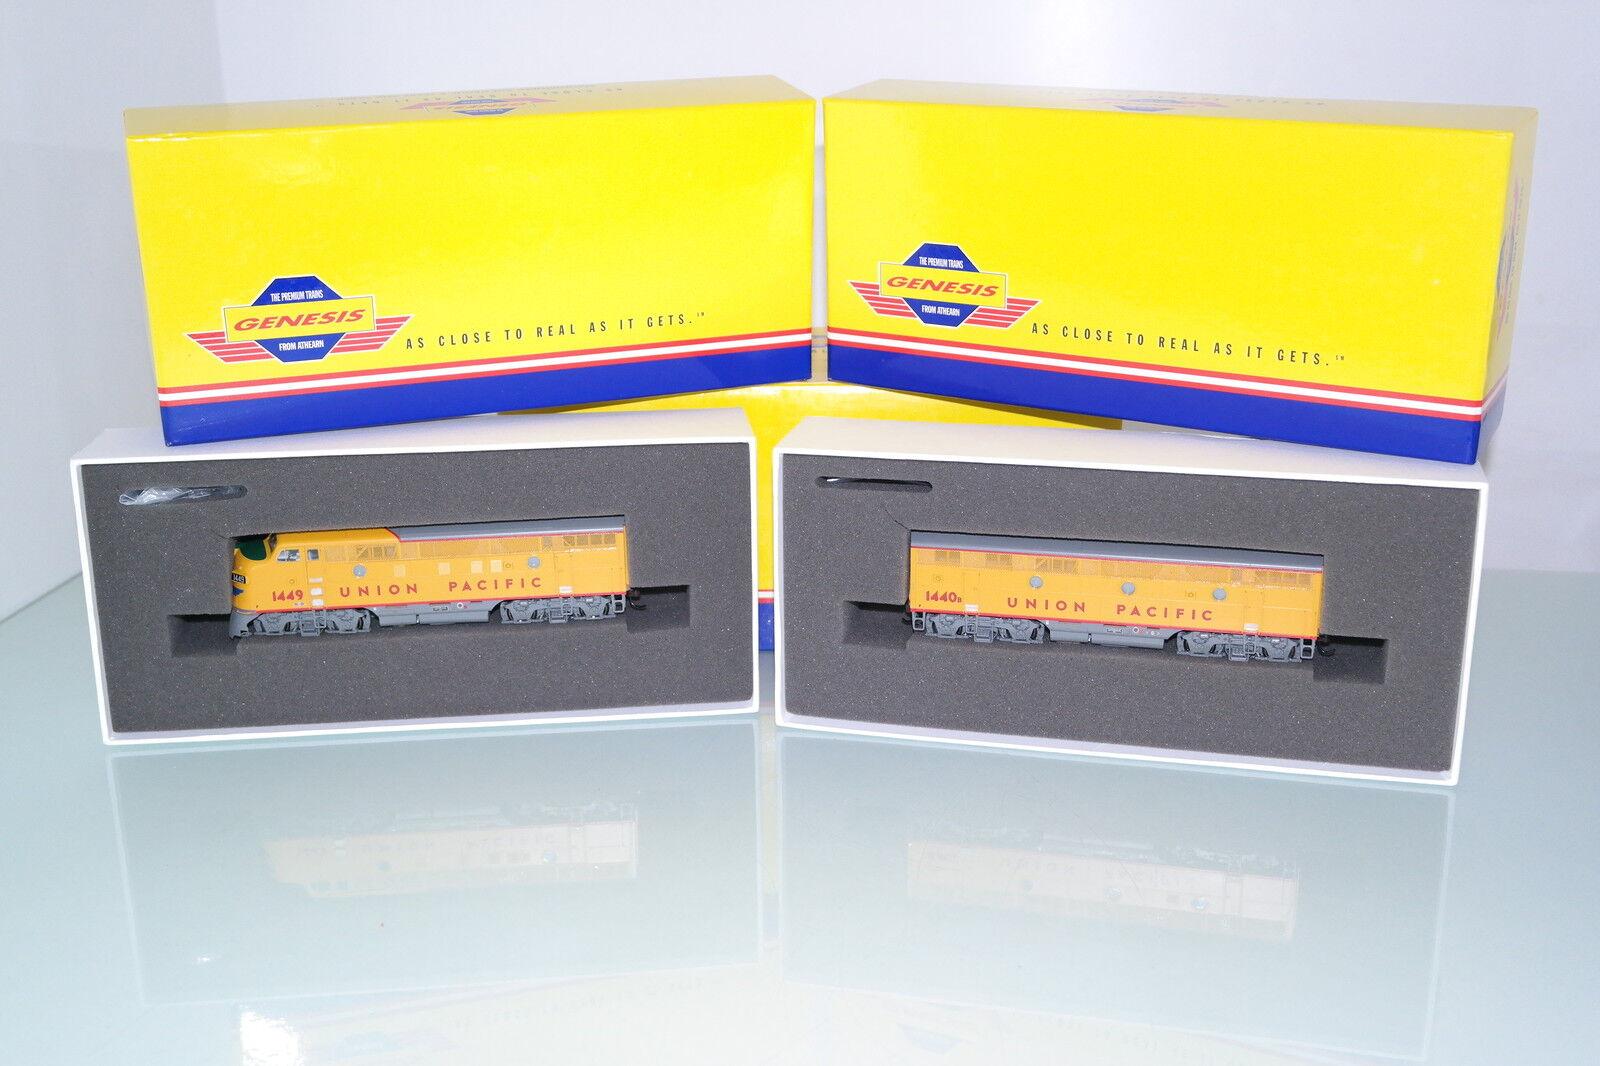 Genesis us diesellok f3 a + b unidad ambos DCC a con sonido  u p  (jm315) embalaje original.